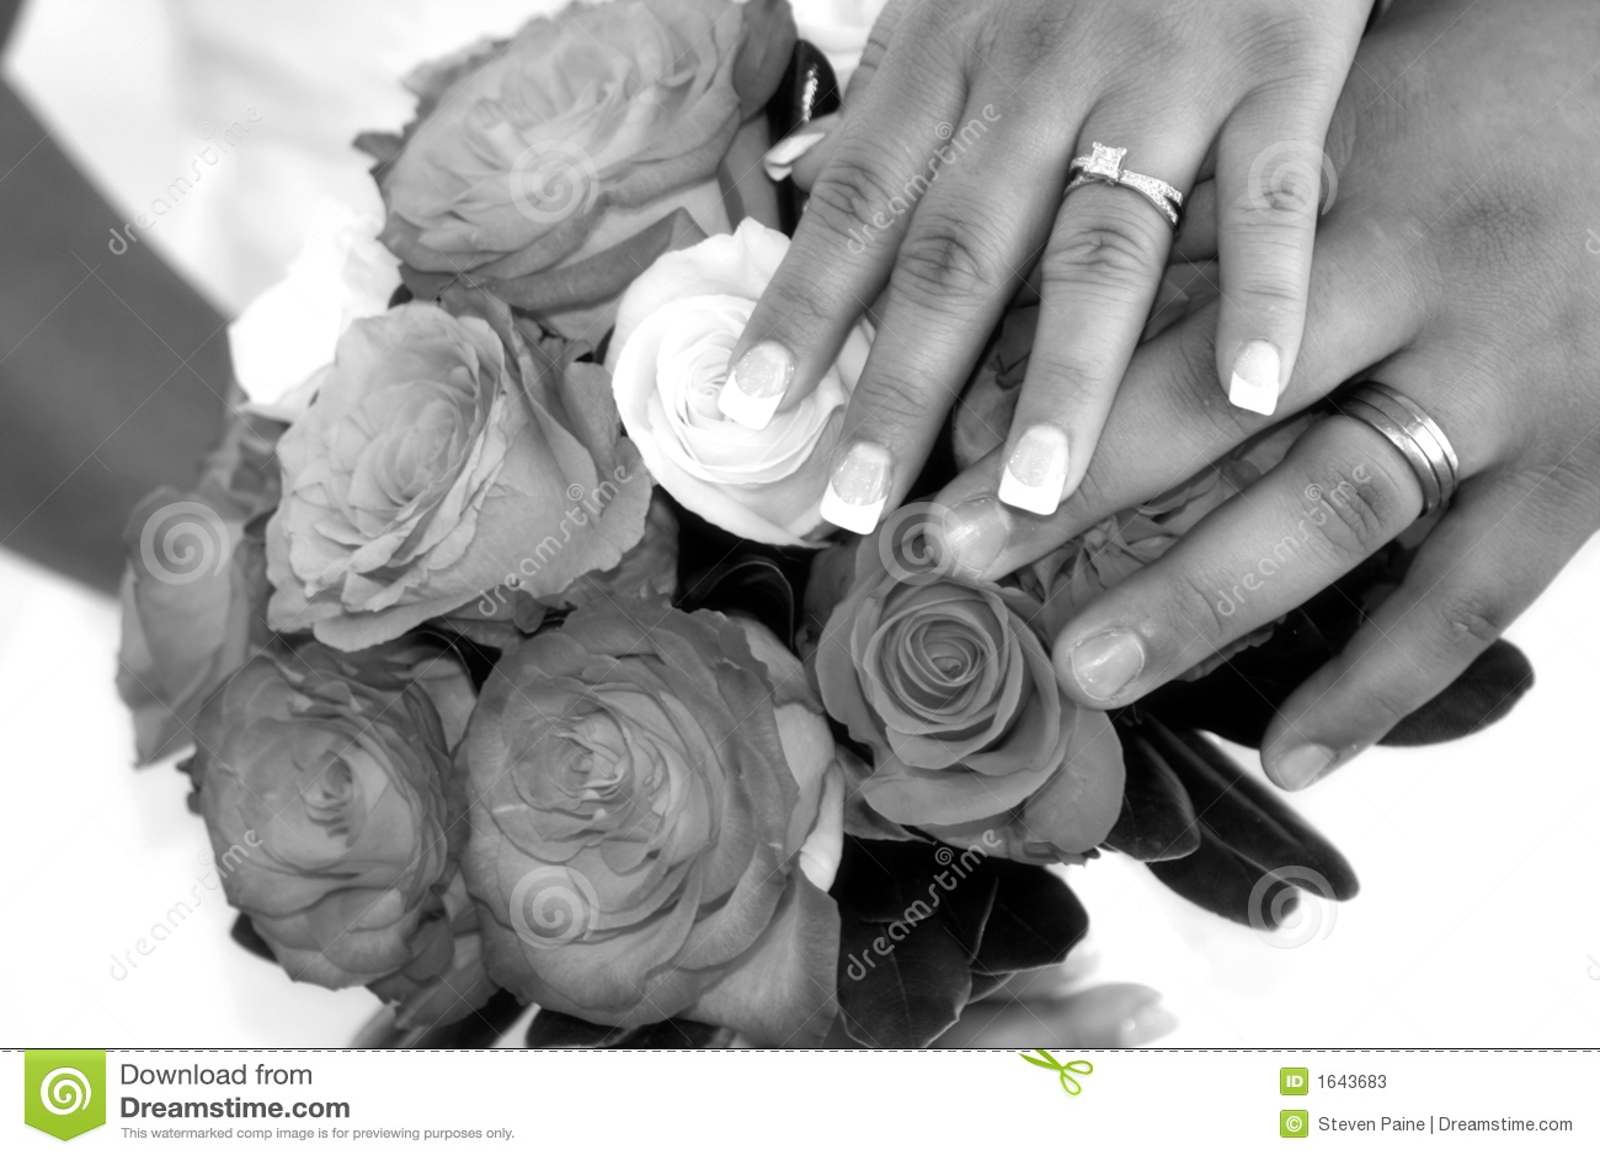 Préférence Image d'amour noir - Love Romance UU12